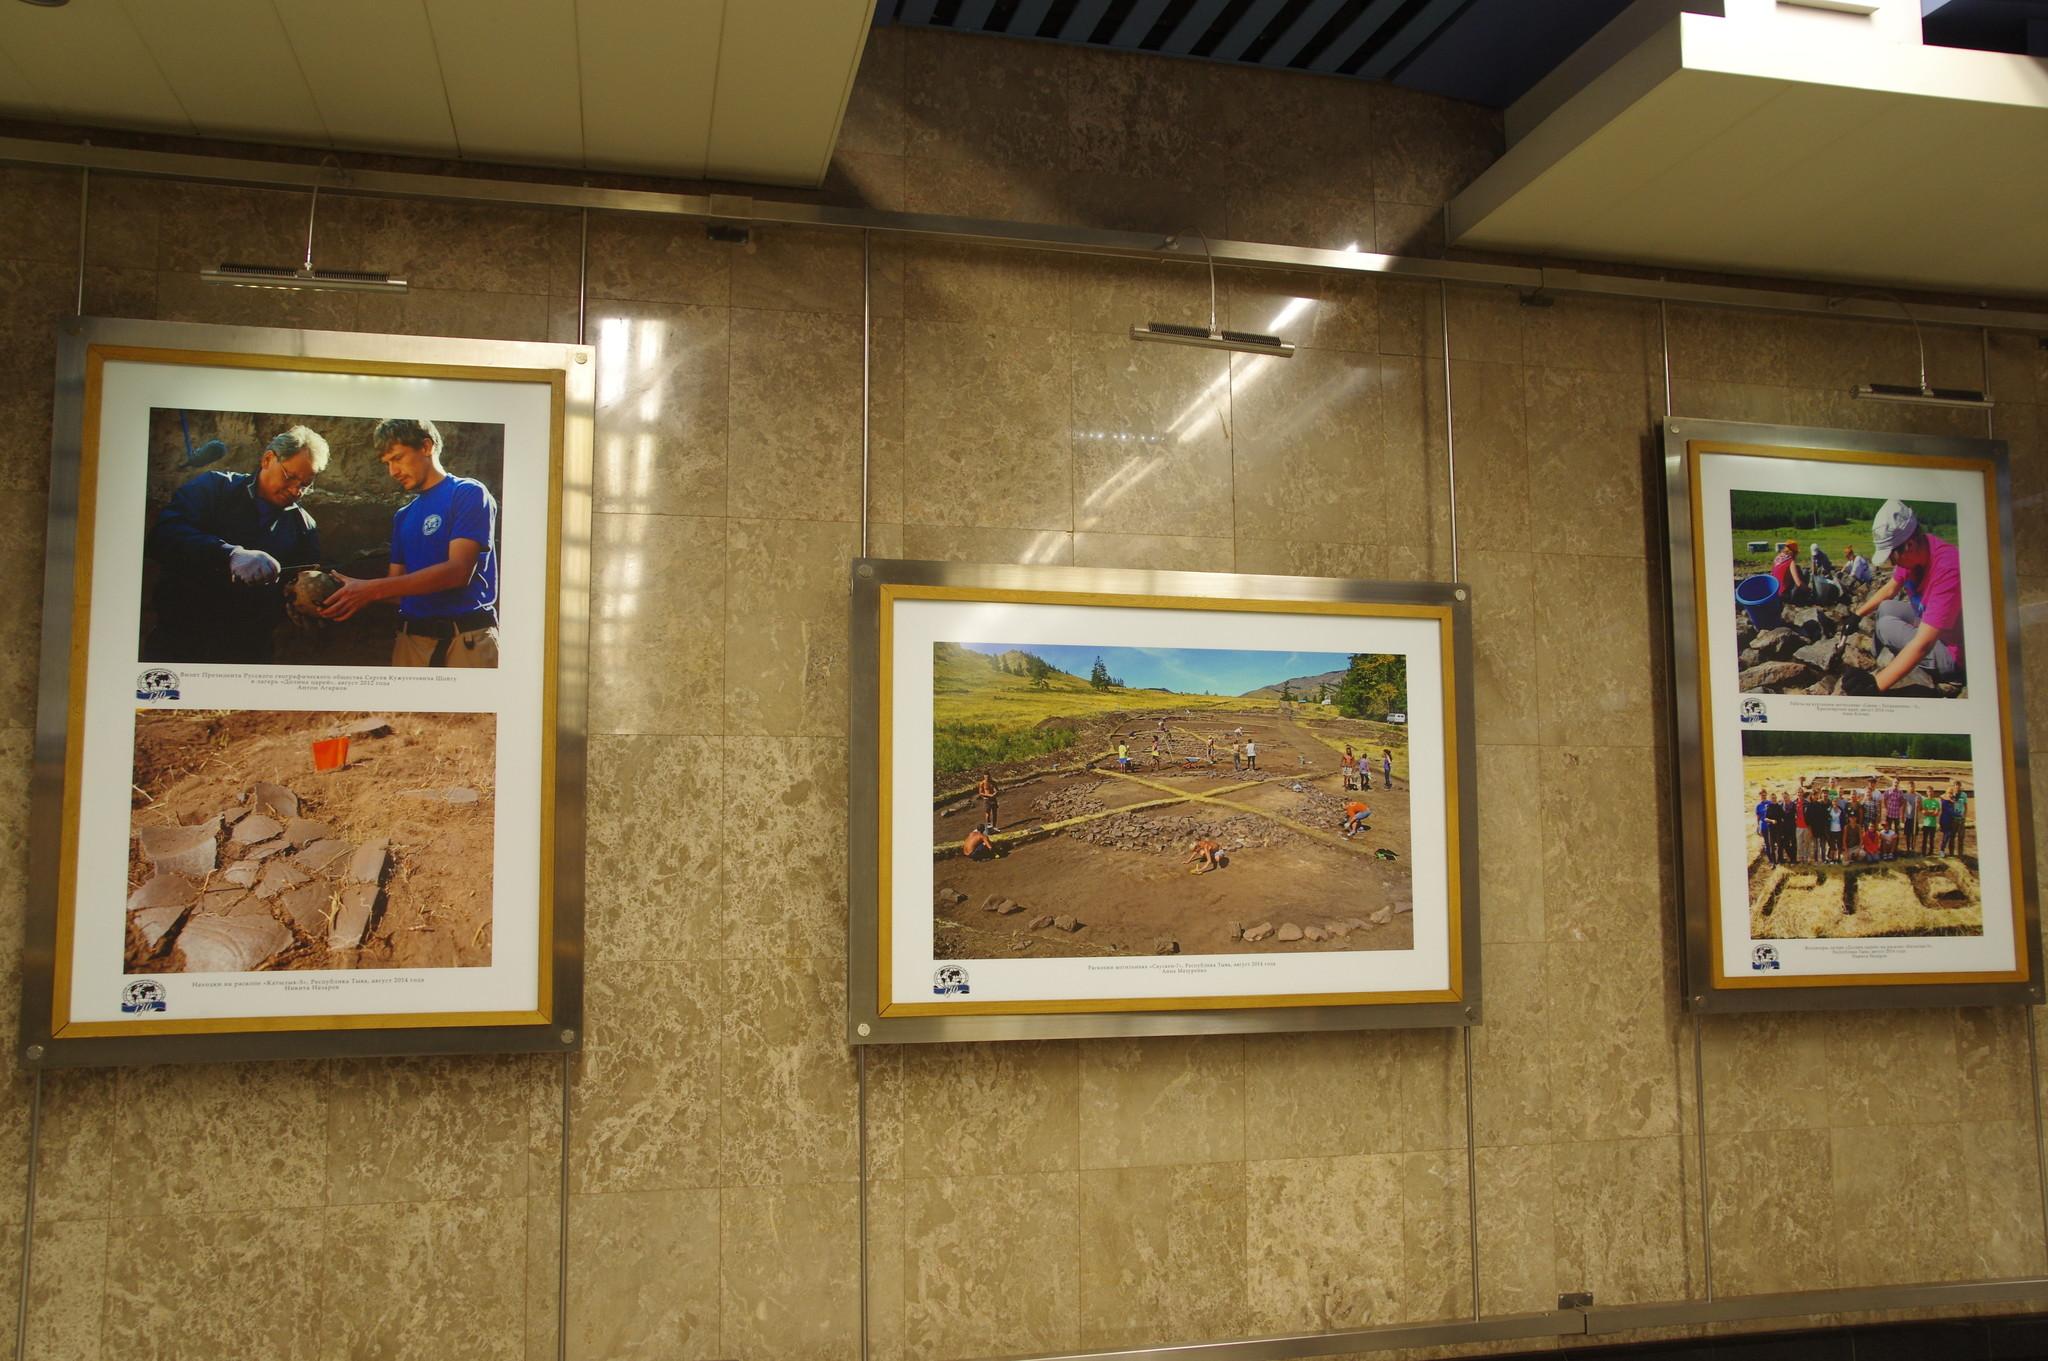 Выставка в галерее «Метро» на станции «Выставочная» Московского метрополитена. Июнь 2015 г.